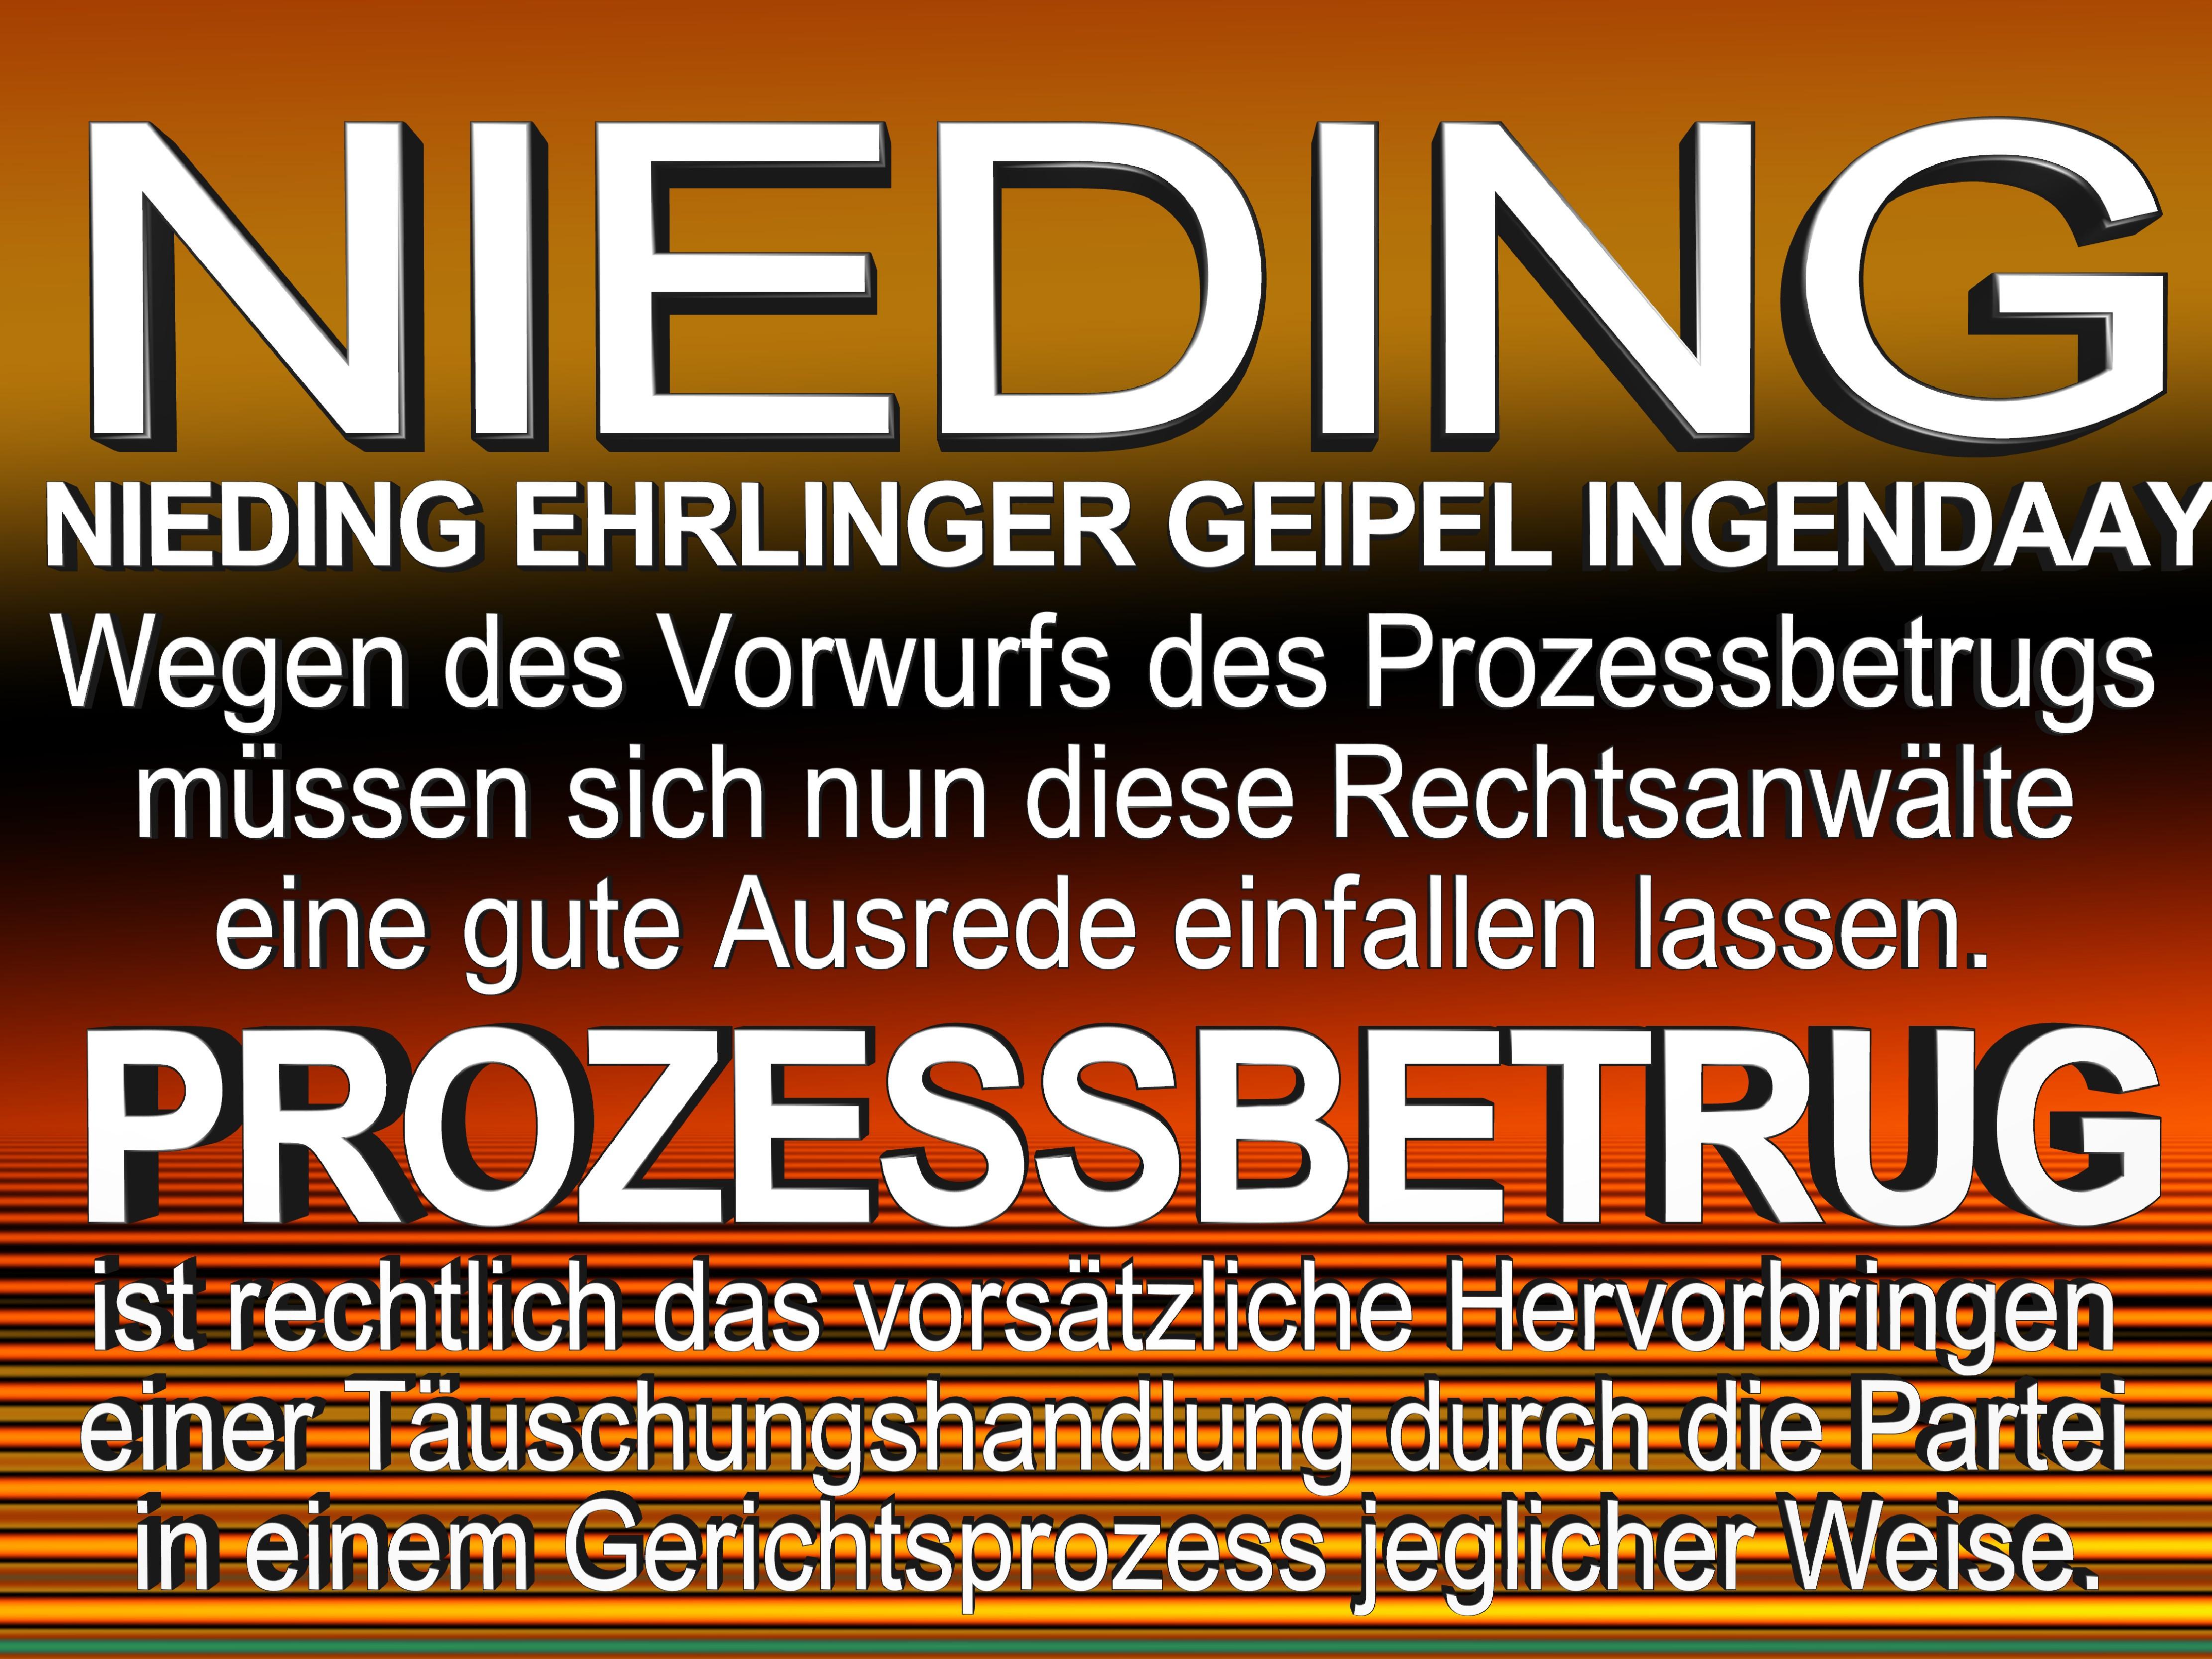 NIEDING EHRLINGER GEIPEL INGENDAAY LELKE Kurfürstendamm 66 Berlin (7)